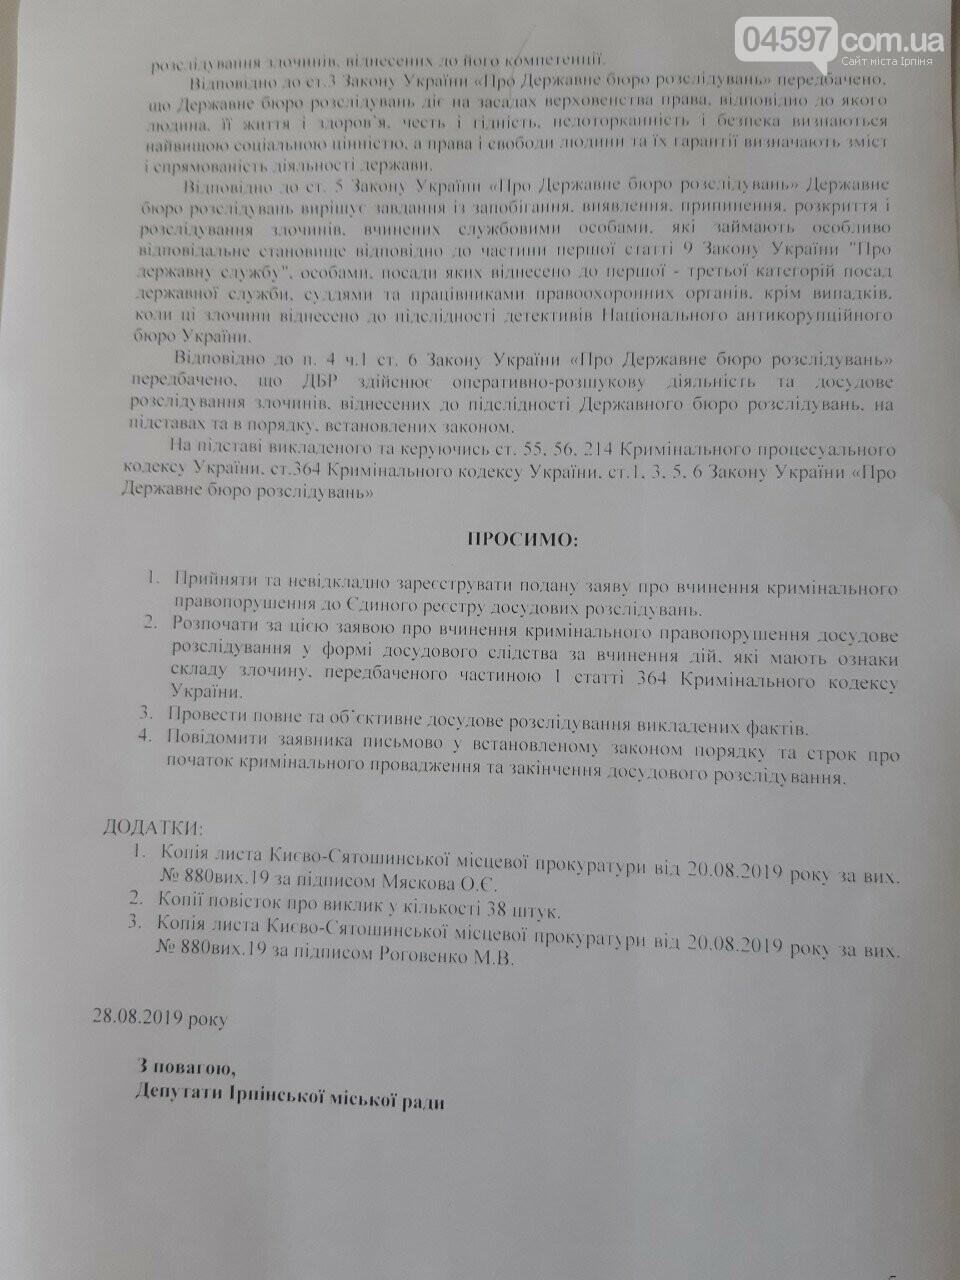 Бюро розслідувань займеться прокуратурою Ірпеня, фото-5